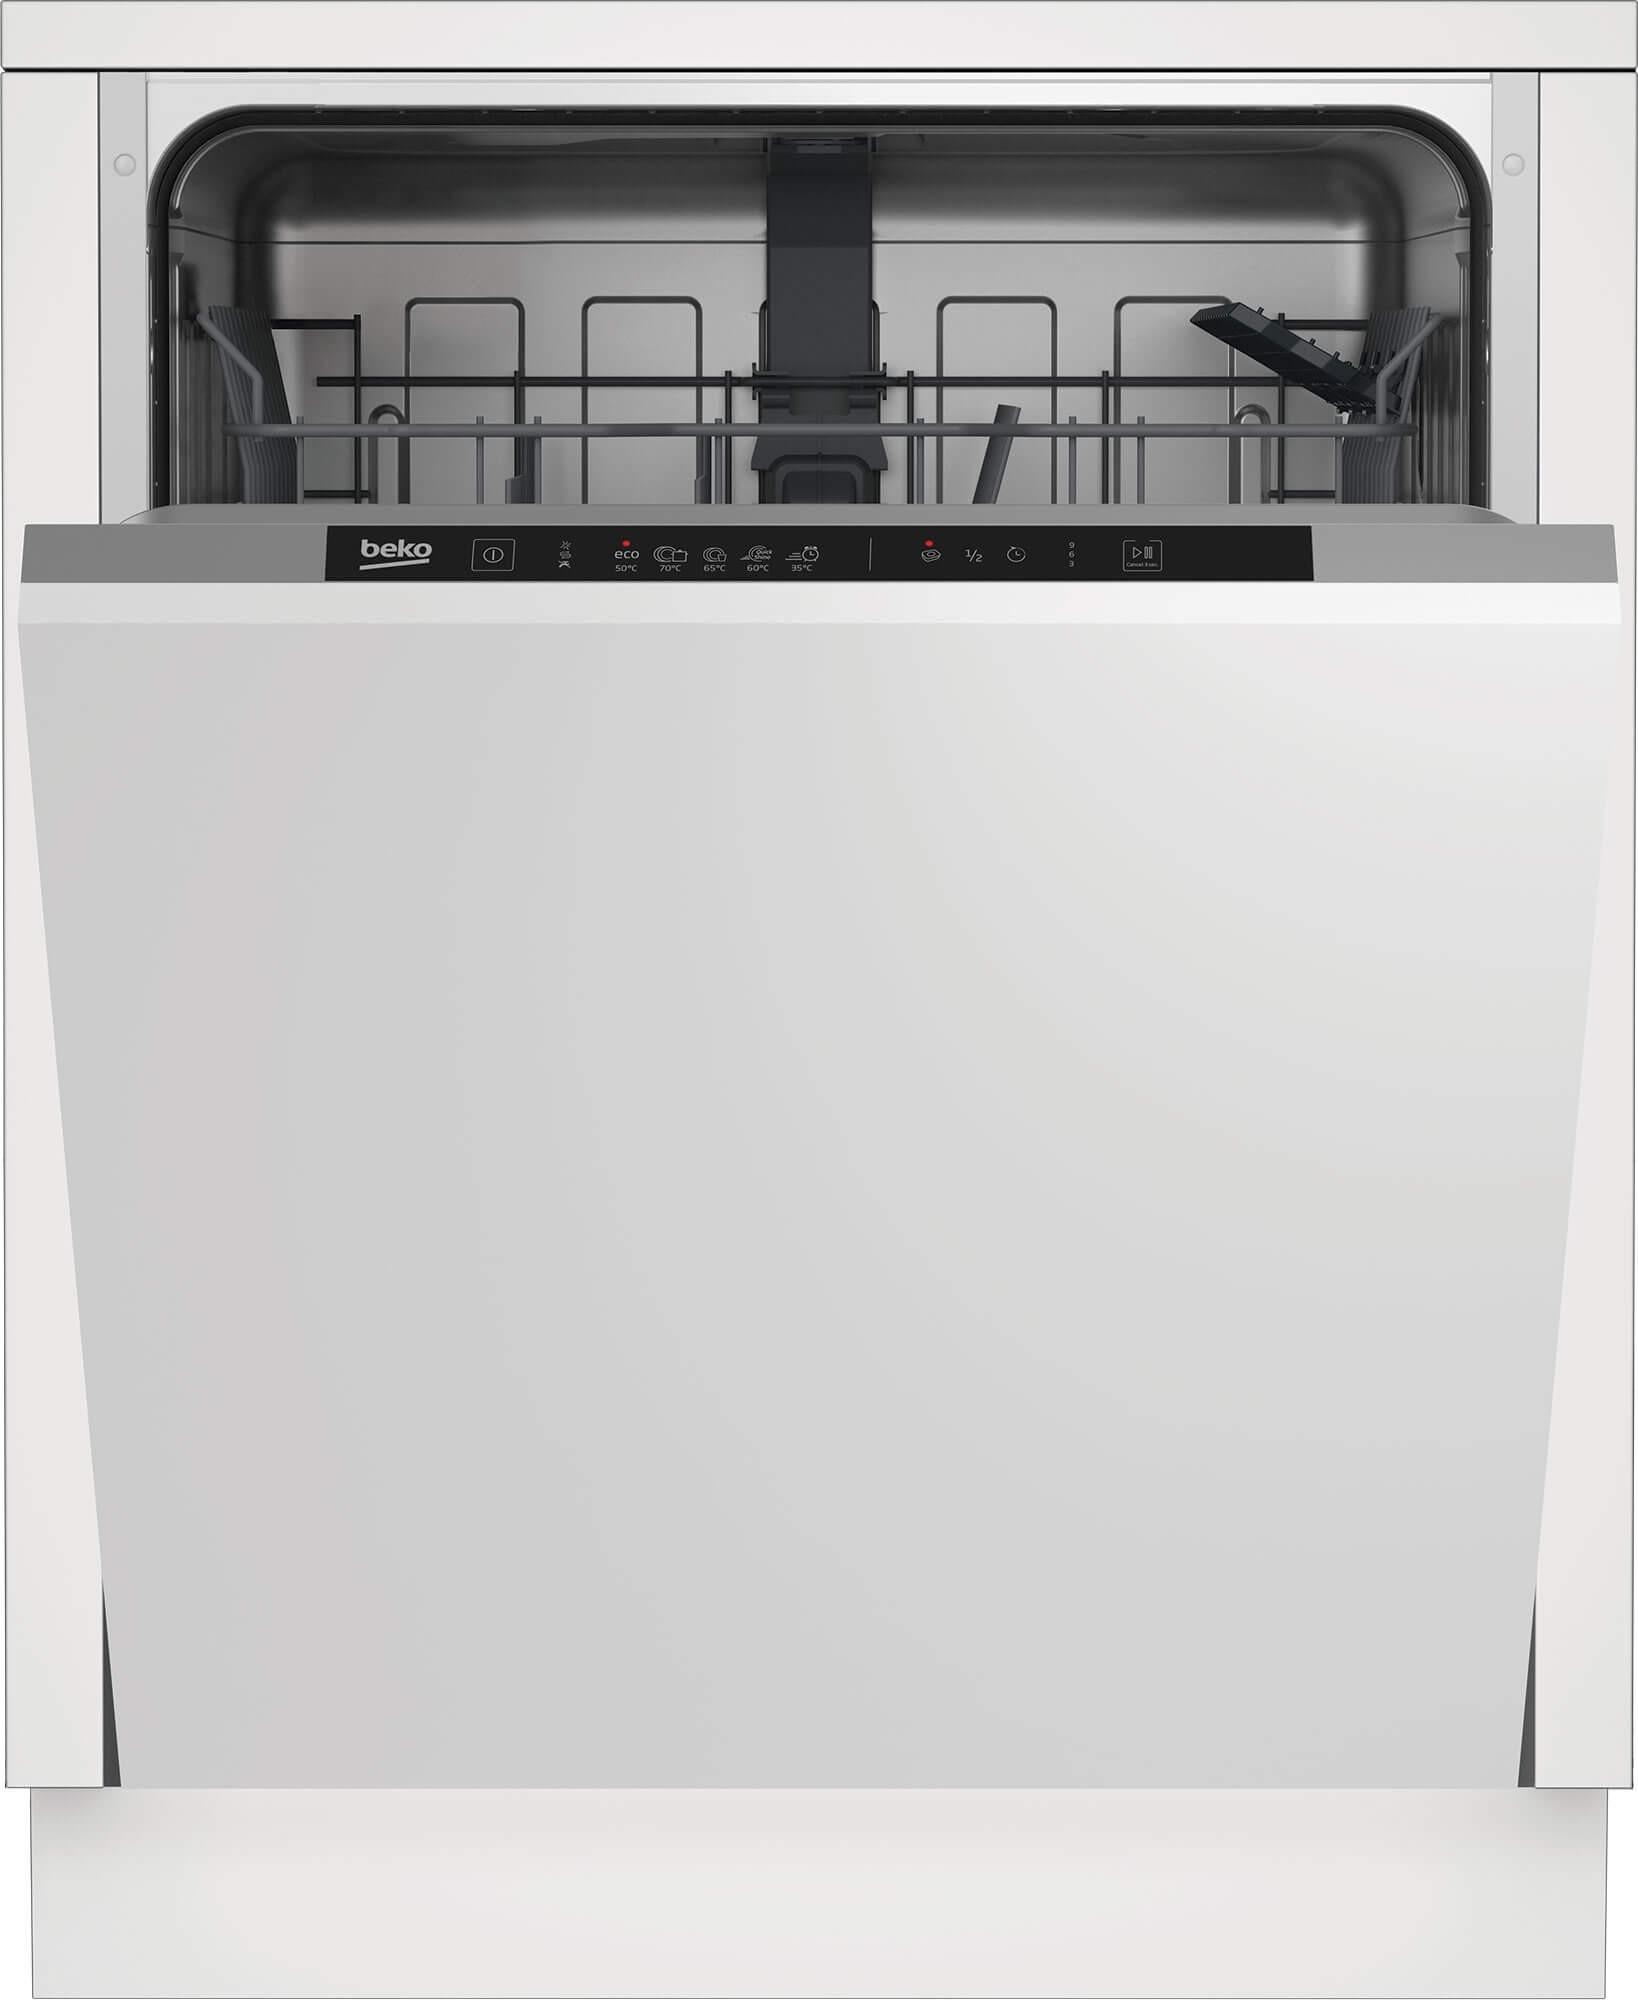 Masina de spalat vase incorporabila Beko DIN35321